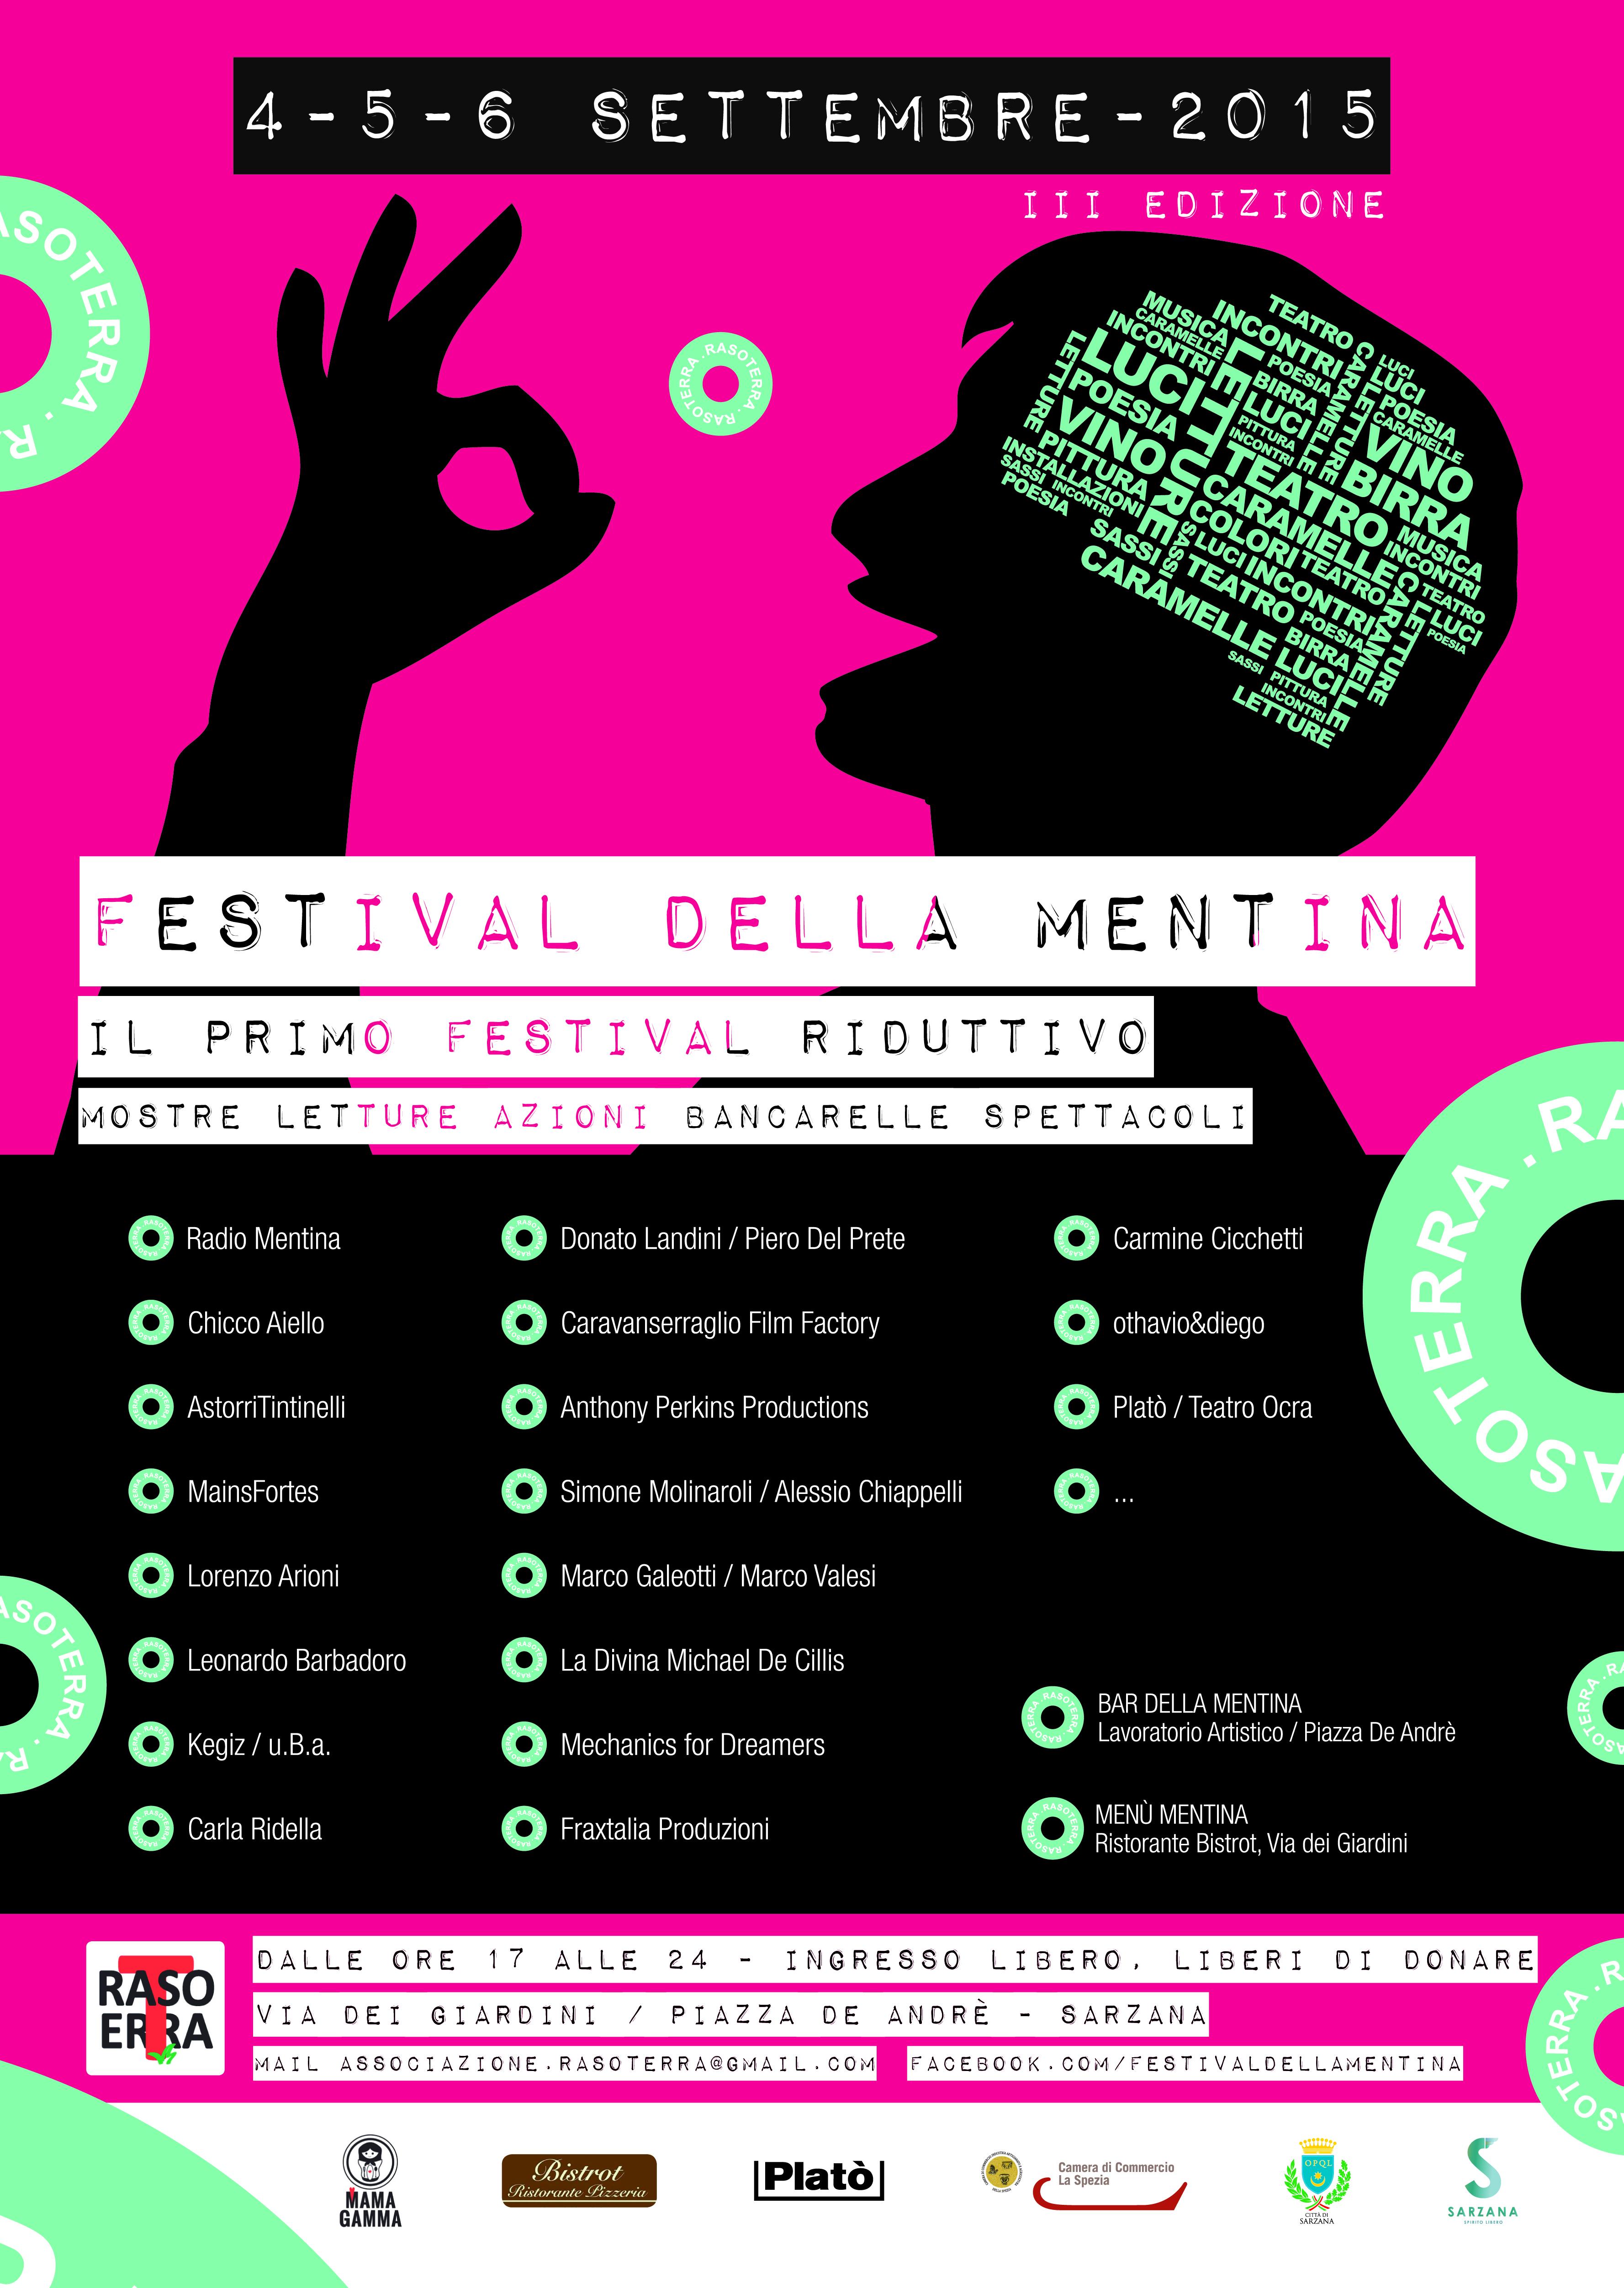 manifesto festival della mentina 2015